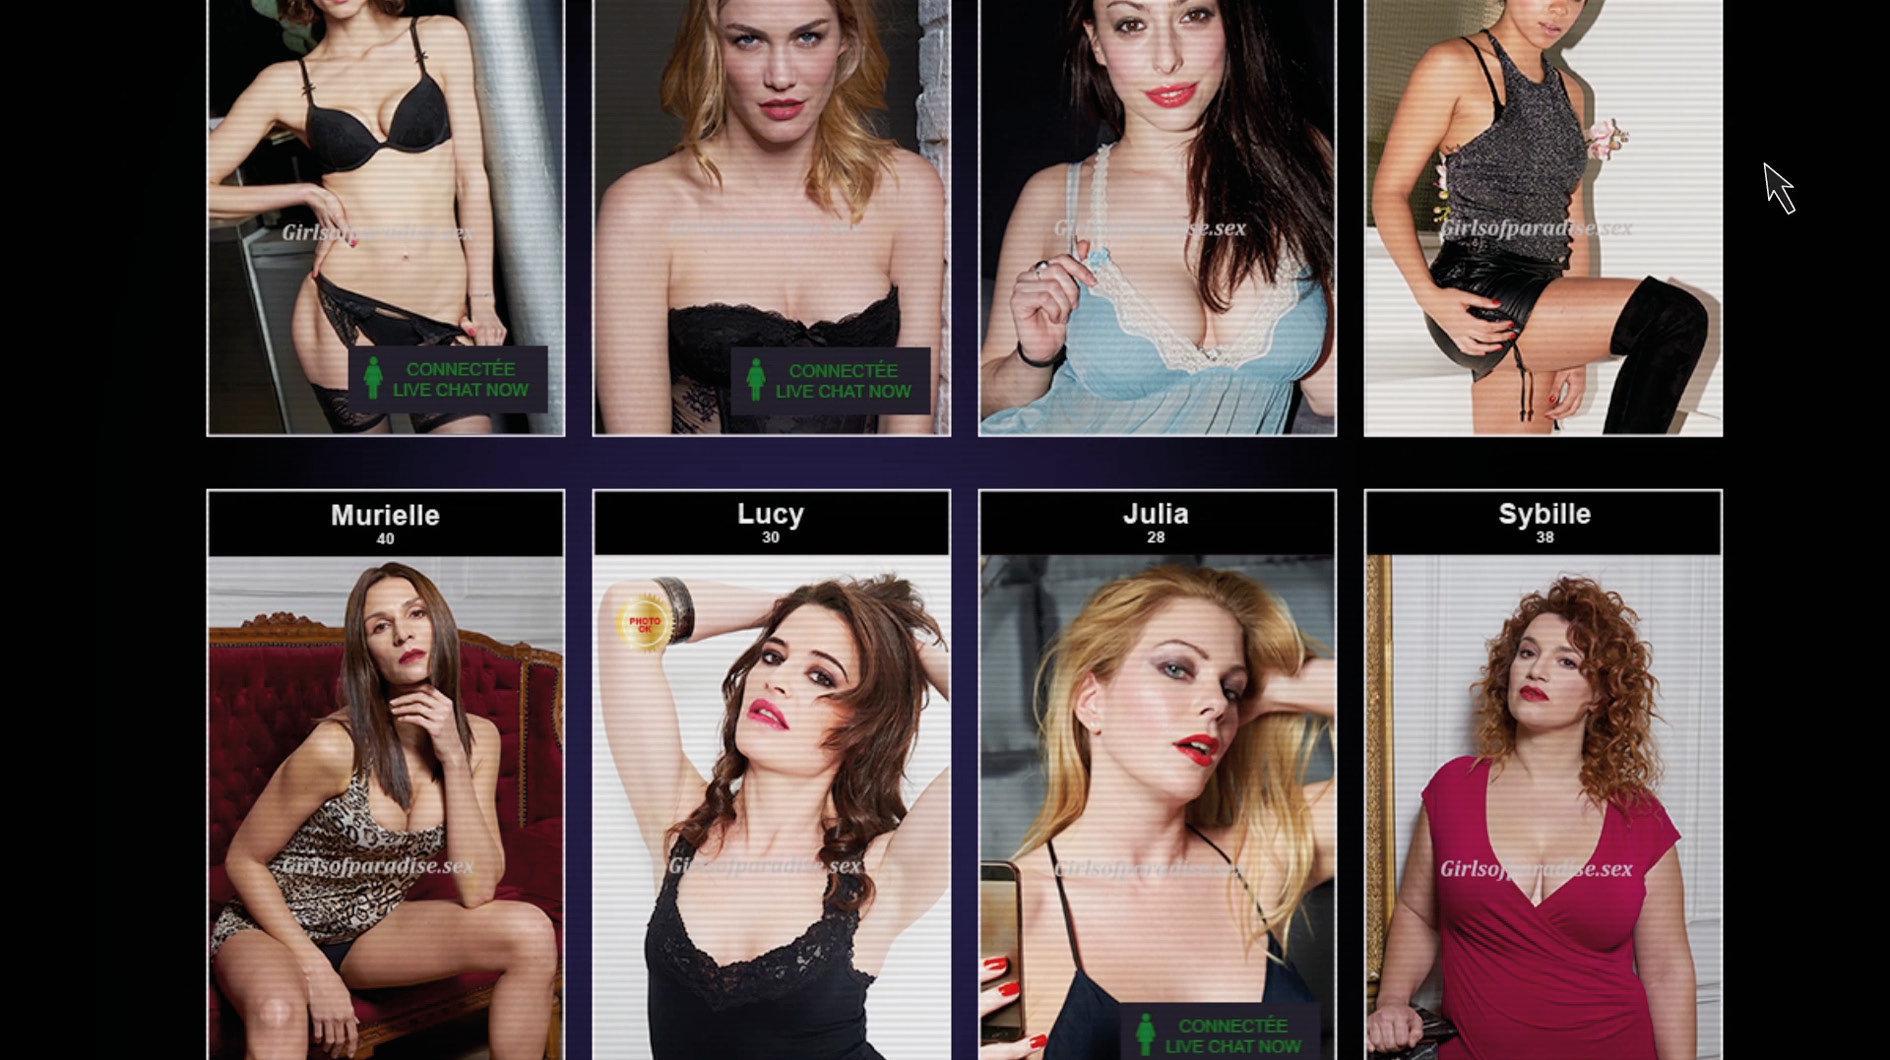 peliculas de prostitutas prostitutas gratis